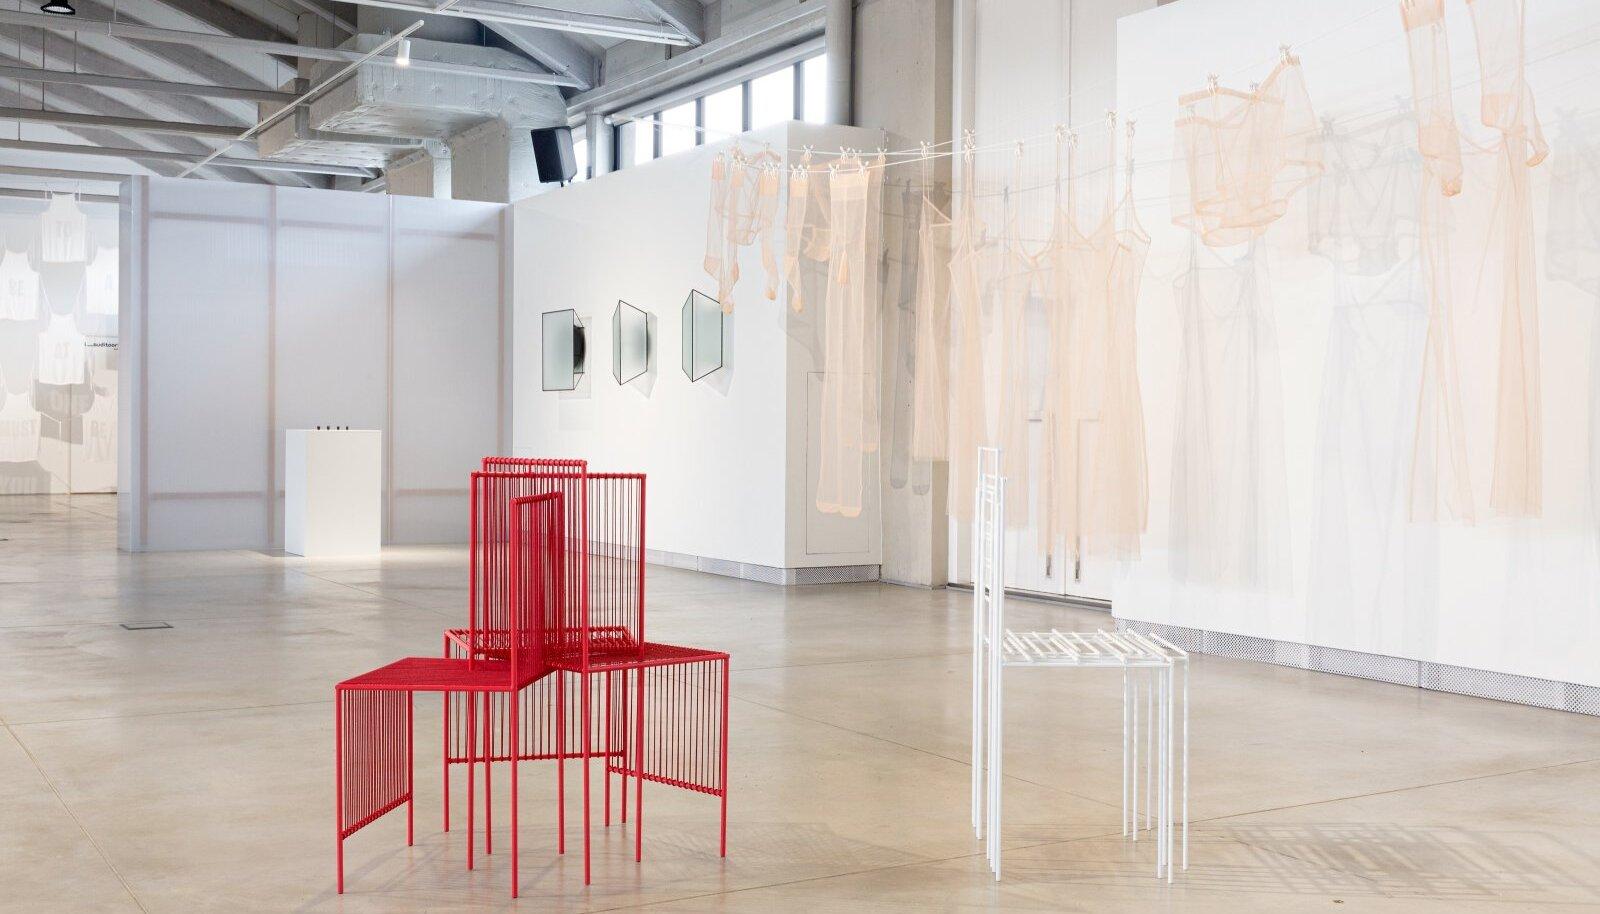 Ditte Hammerstrømi keset saali asetsevad toolid panevad ruumiperspektiive uurima. Näeme ühte objekti samal ajal justkui eri vaatest.